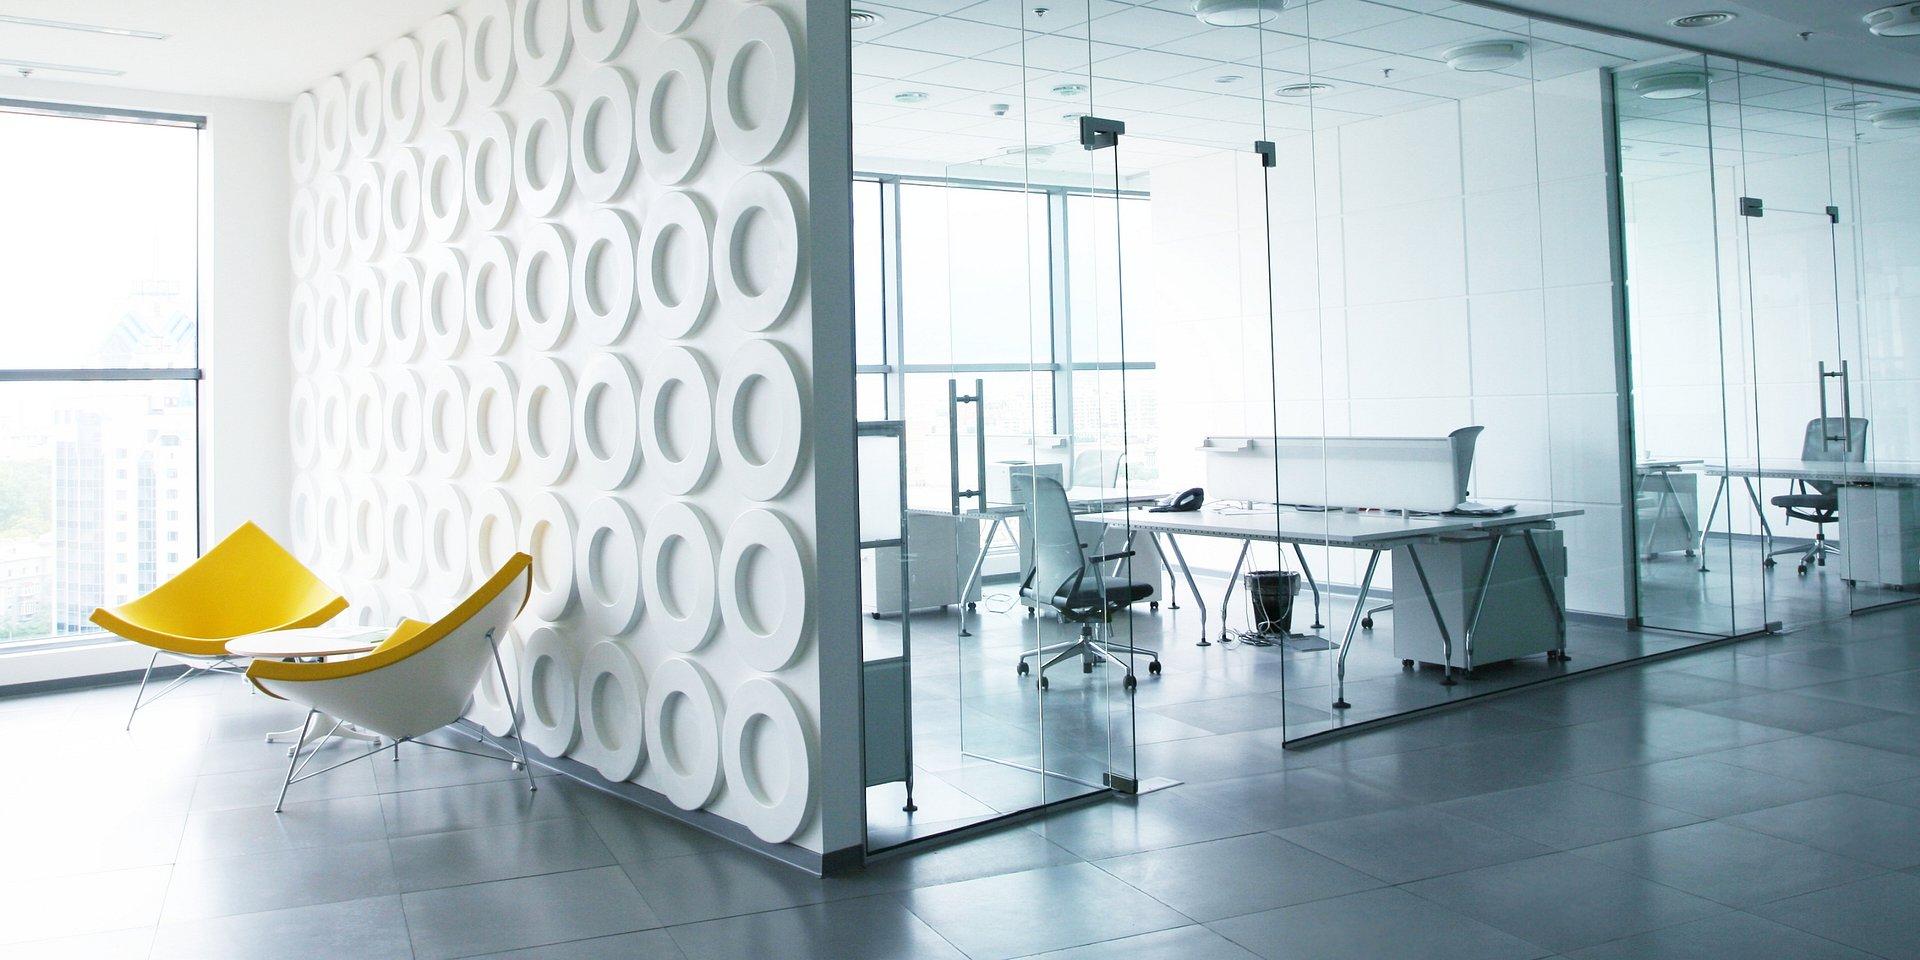 Powierzchnie elastyczne rosną w siłę. O tego typu biuro łatwiej w Warszawie niż w Berlinie czy Barcelonie